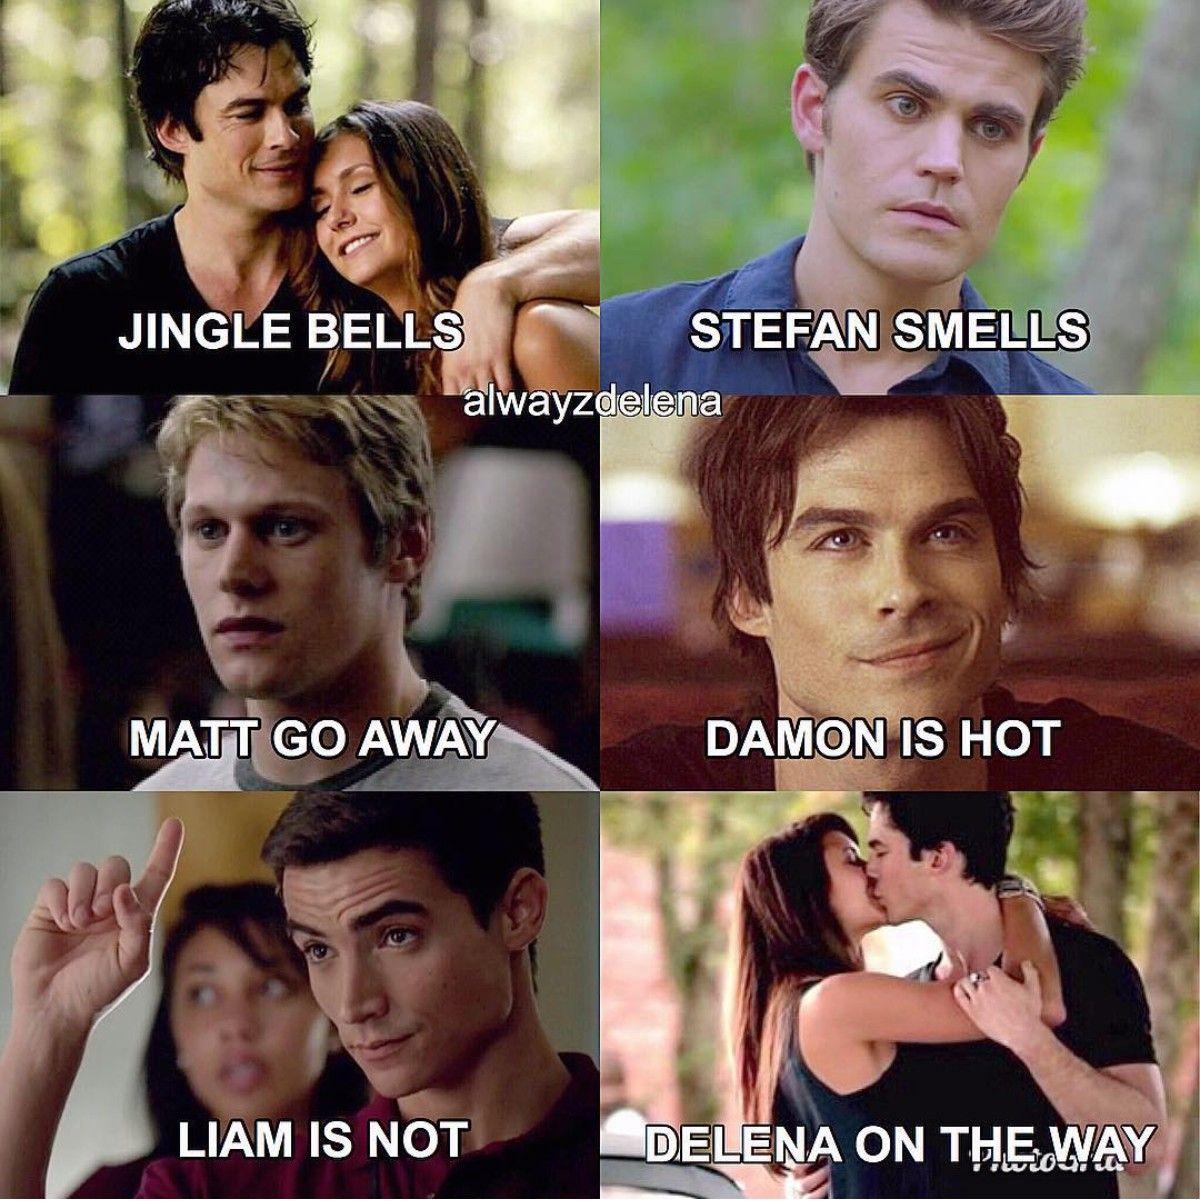 Pin By Tori On Vampirediaries Vampire Diaries Funny Vampire Diaries Memes Vampire Diaries Damon